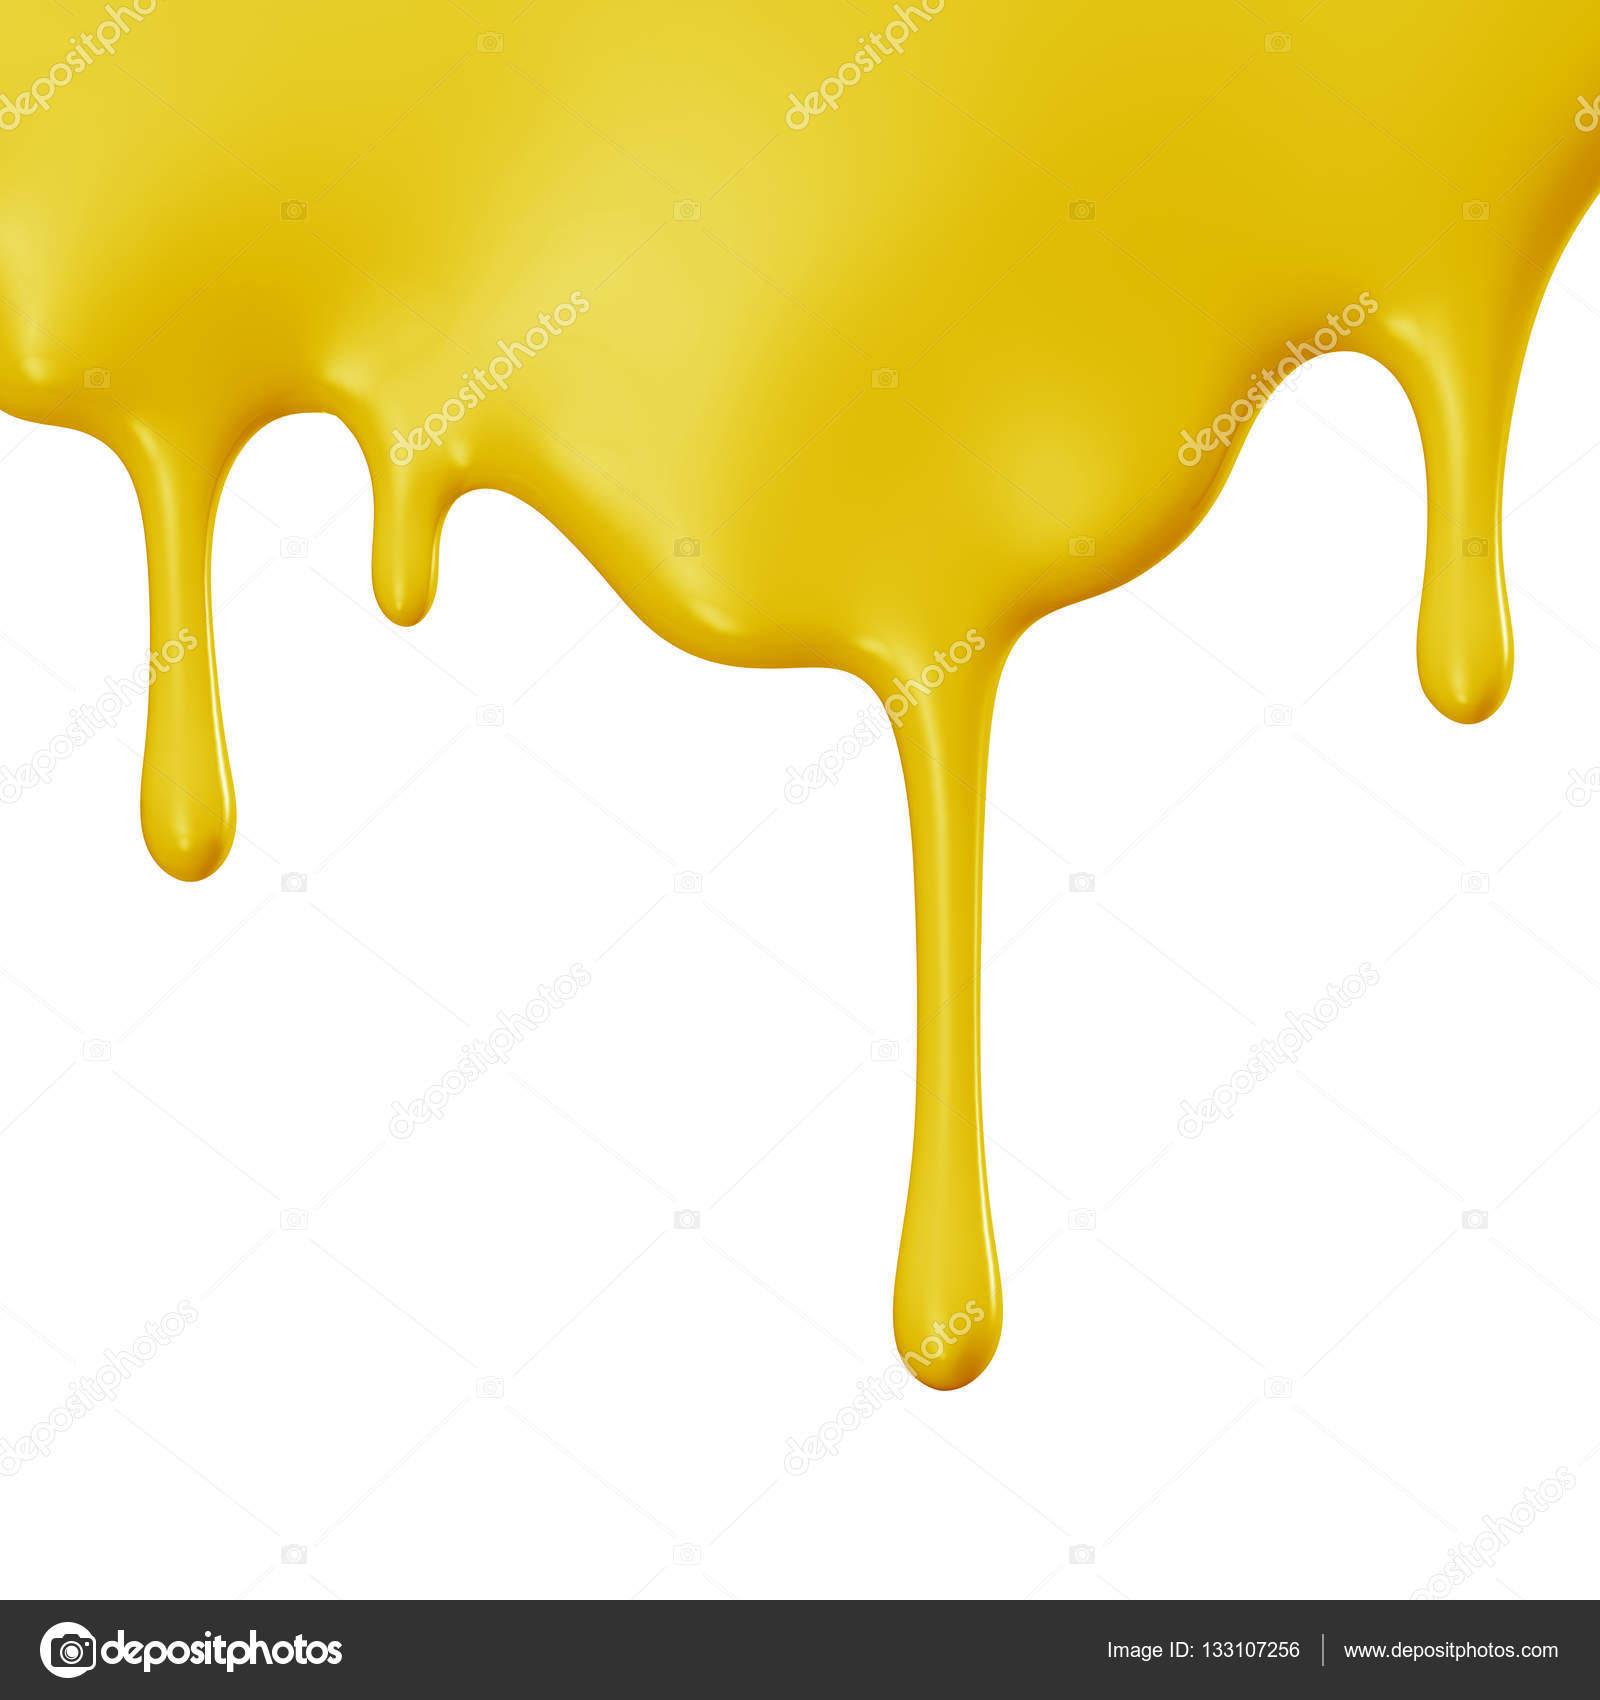 노란 페인트 떨어지는 흰색 배경 위에 절연 — 스톡 사진 #133107256